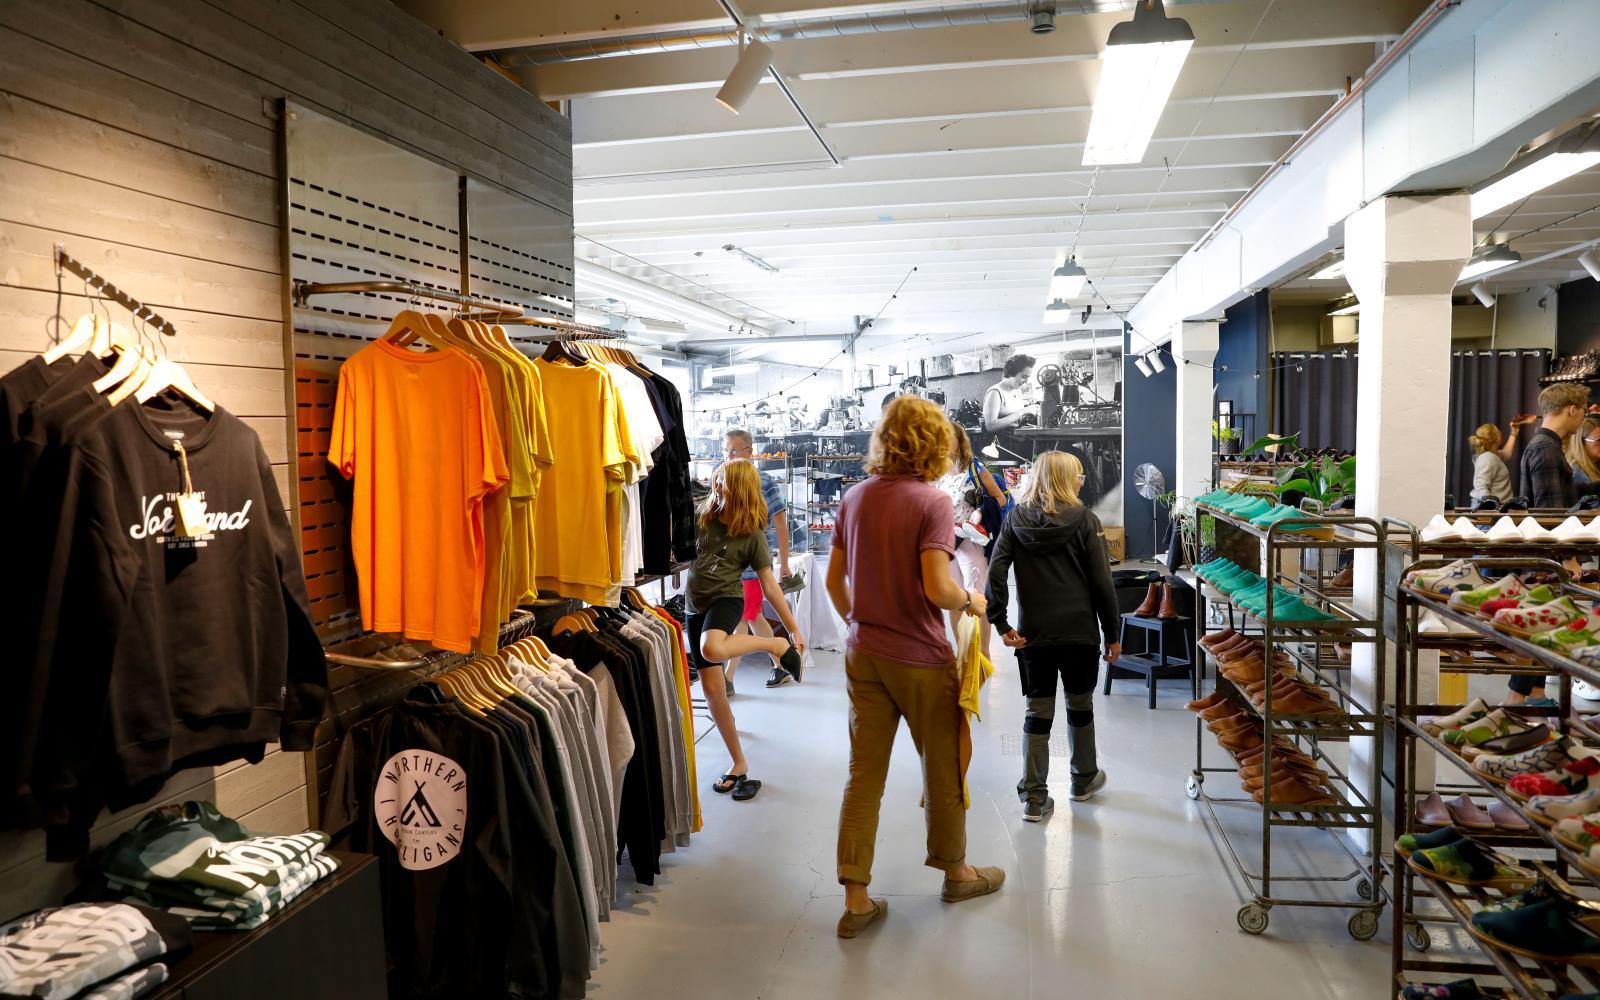 Den mysiga fabriksbutiken vid Docksta i världsarvet Höga kusten.